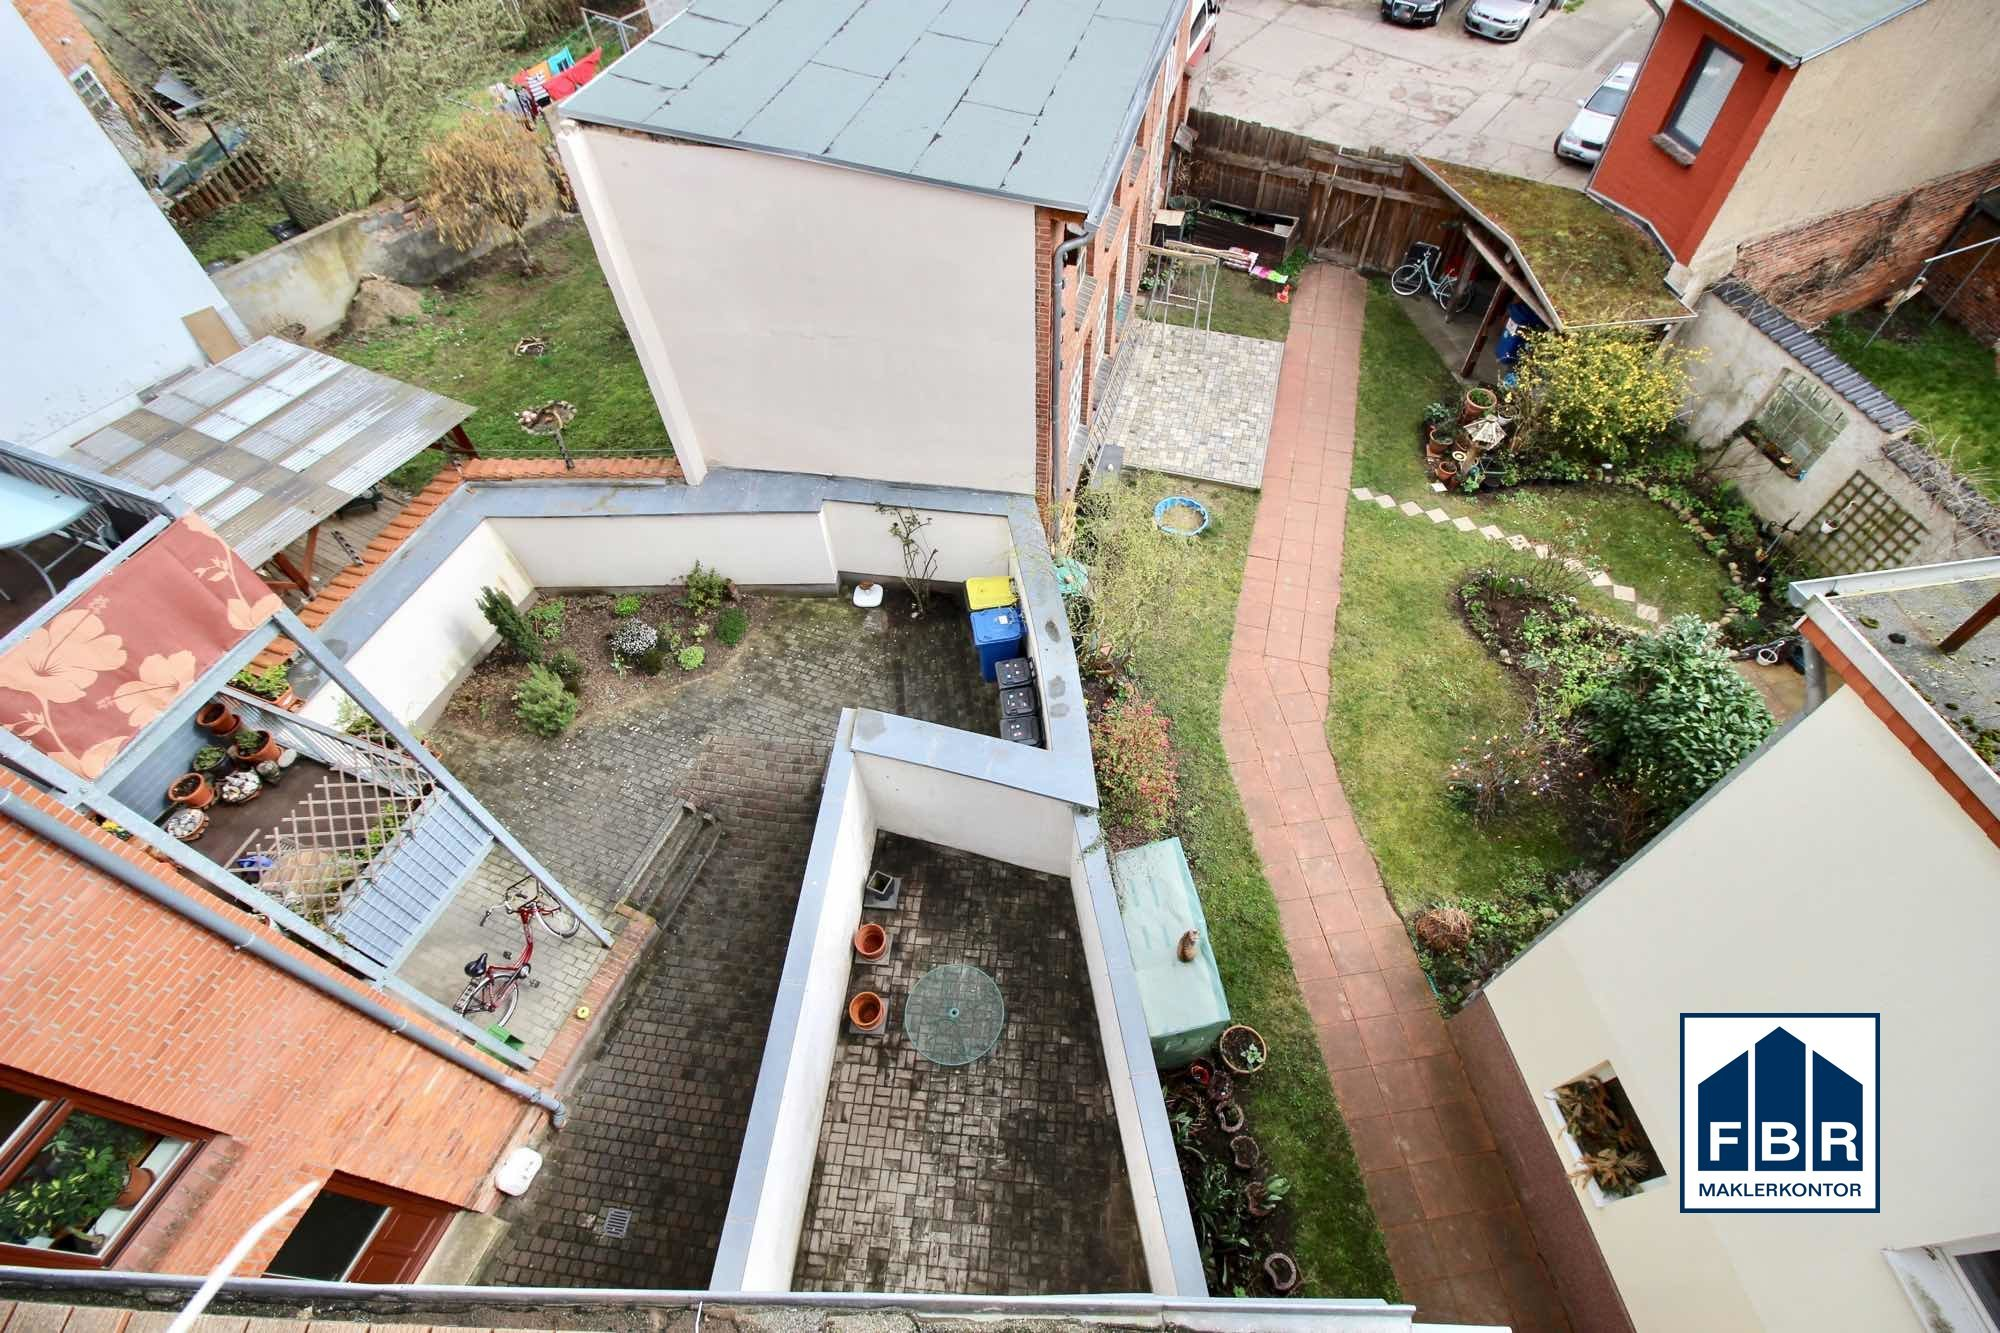 Blick in den Hinterhof